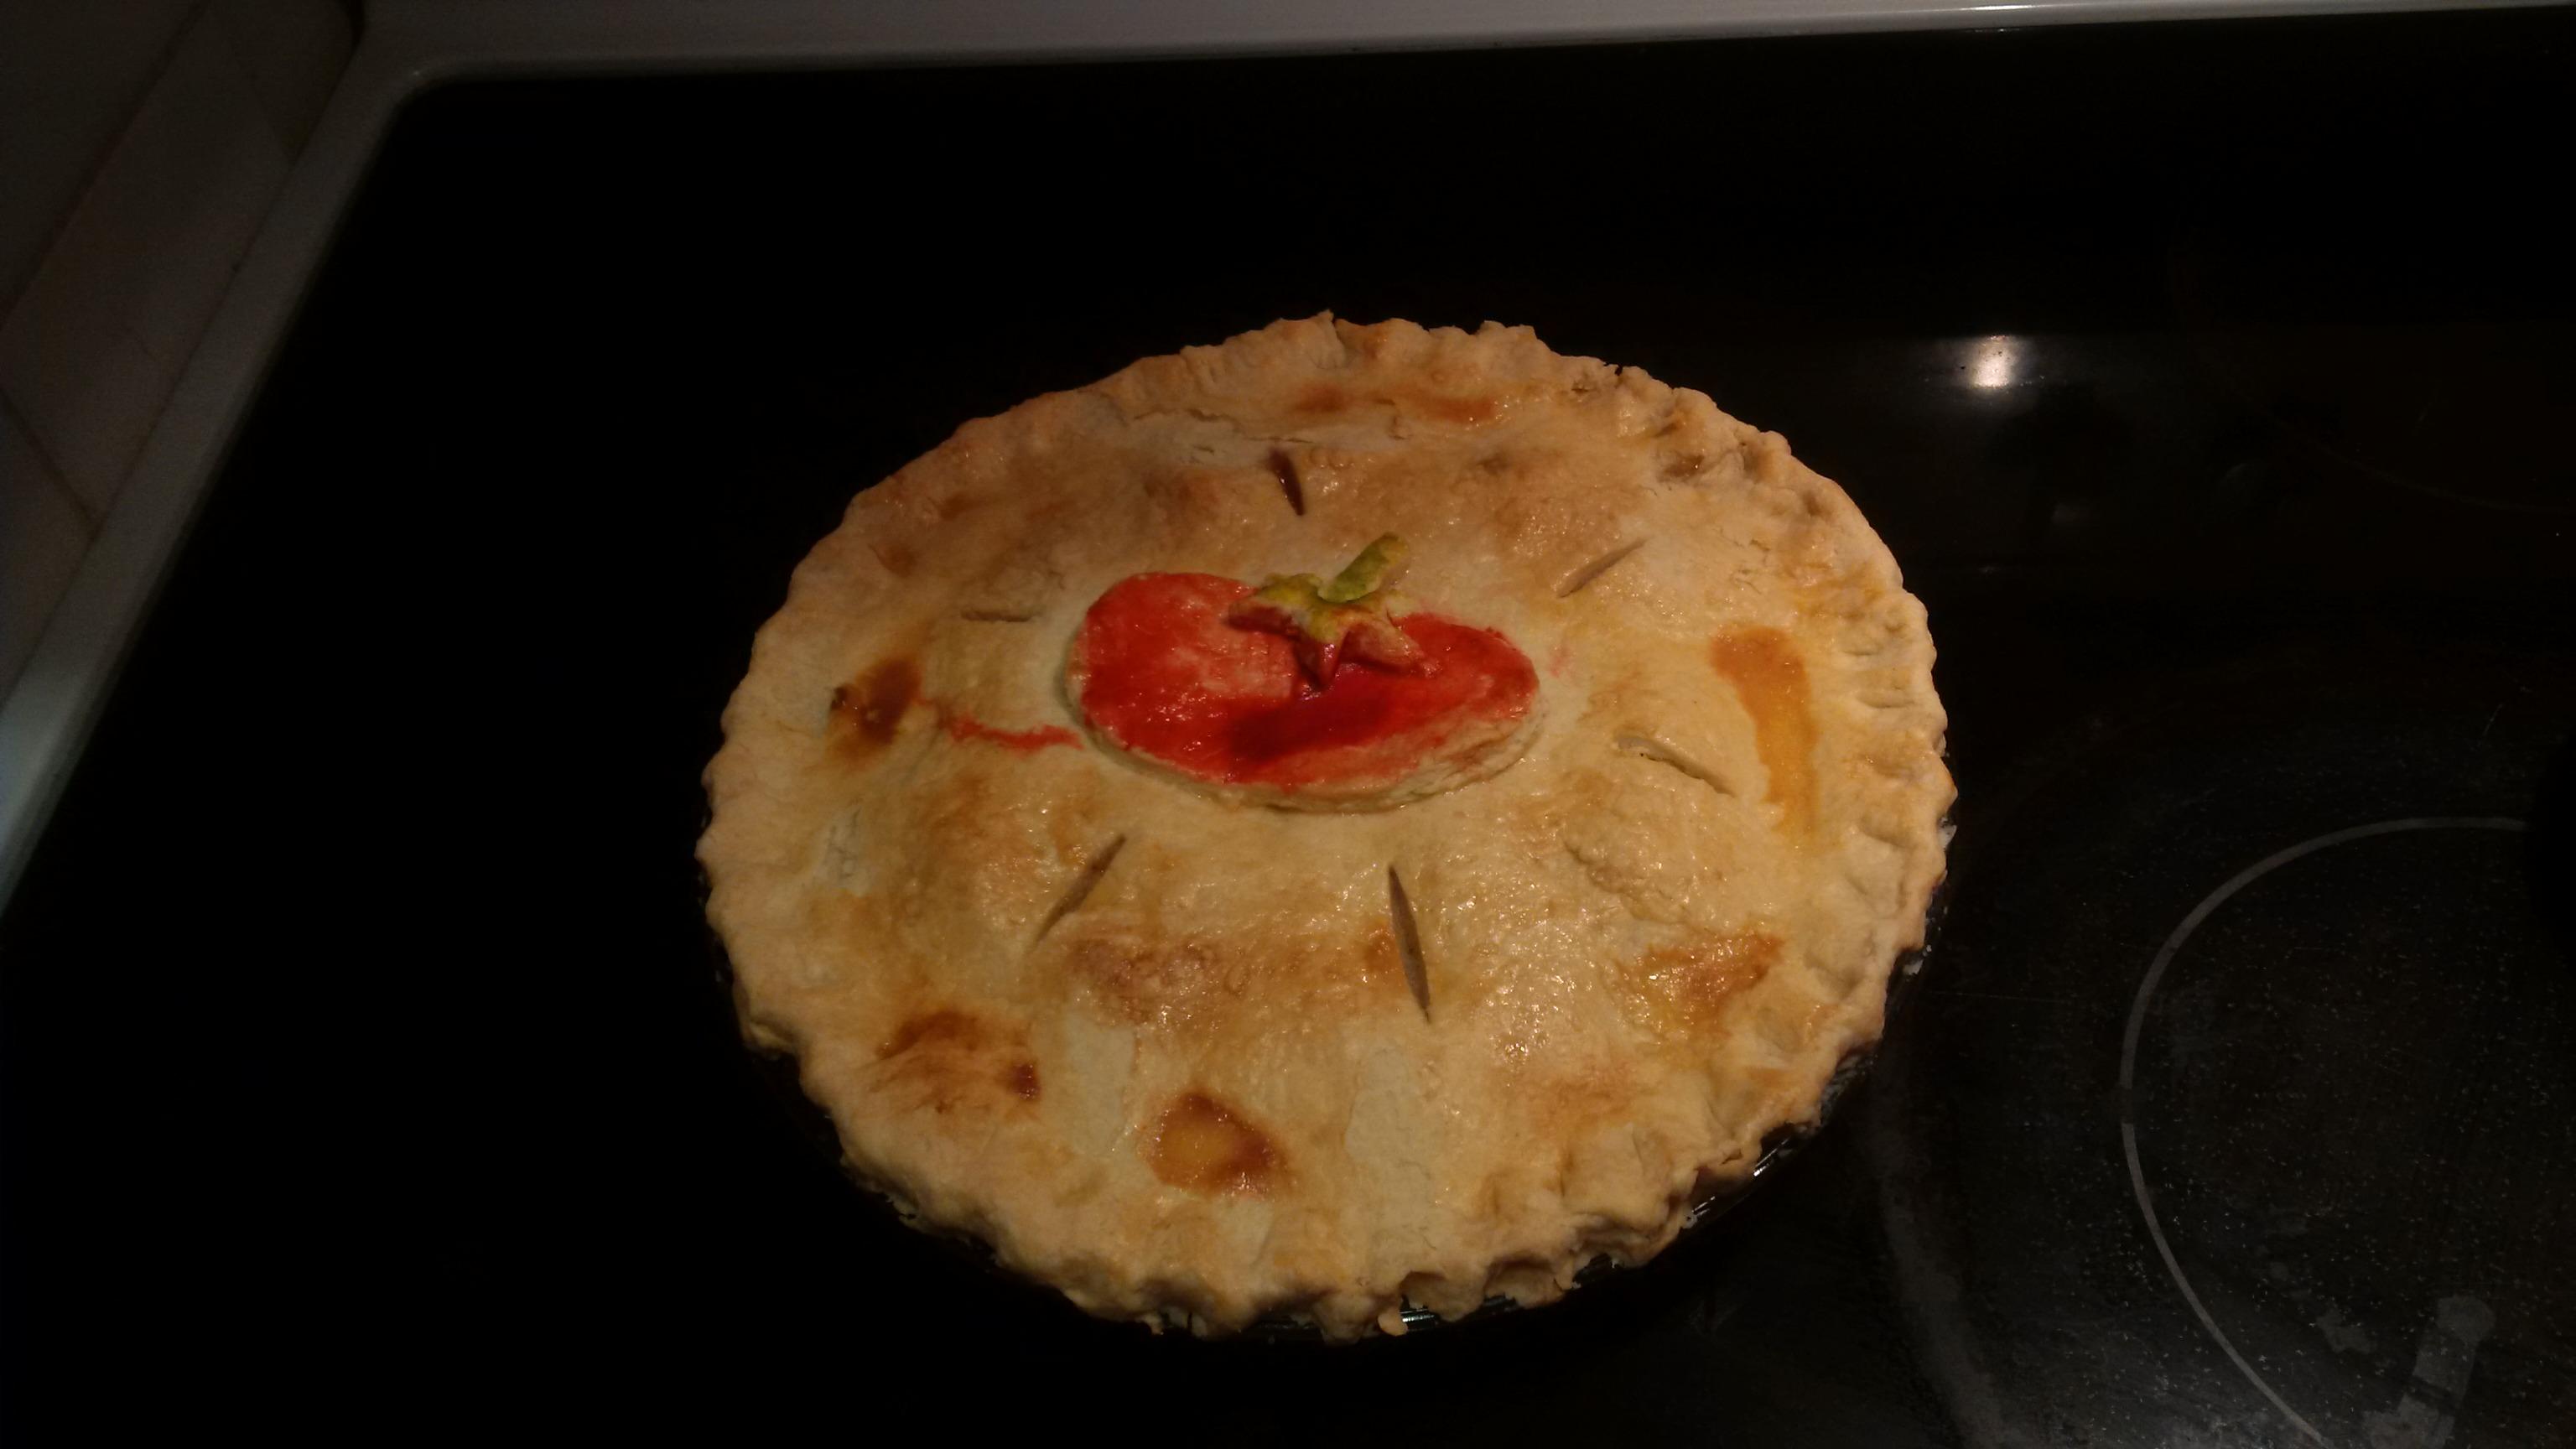 Green Tomato Pie IV Chriskasurak